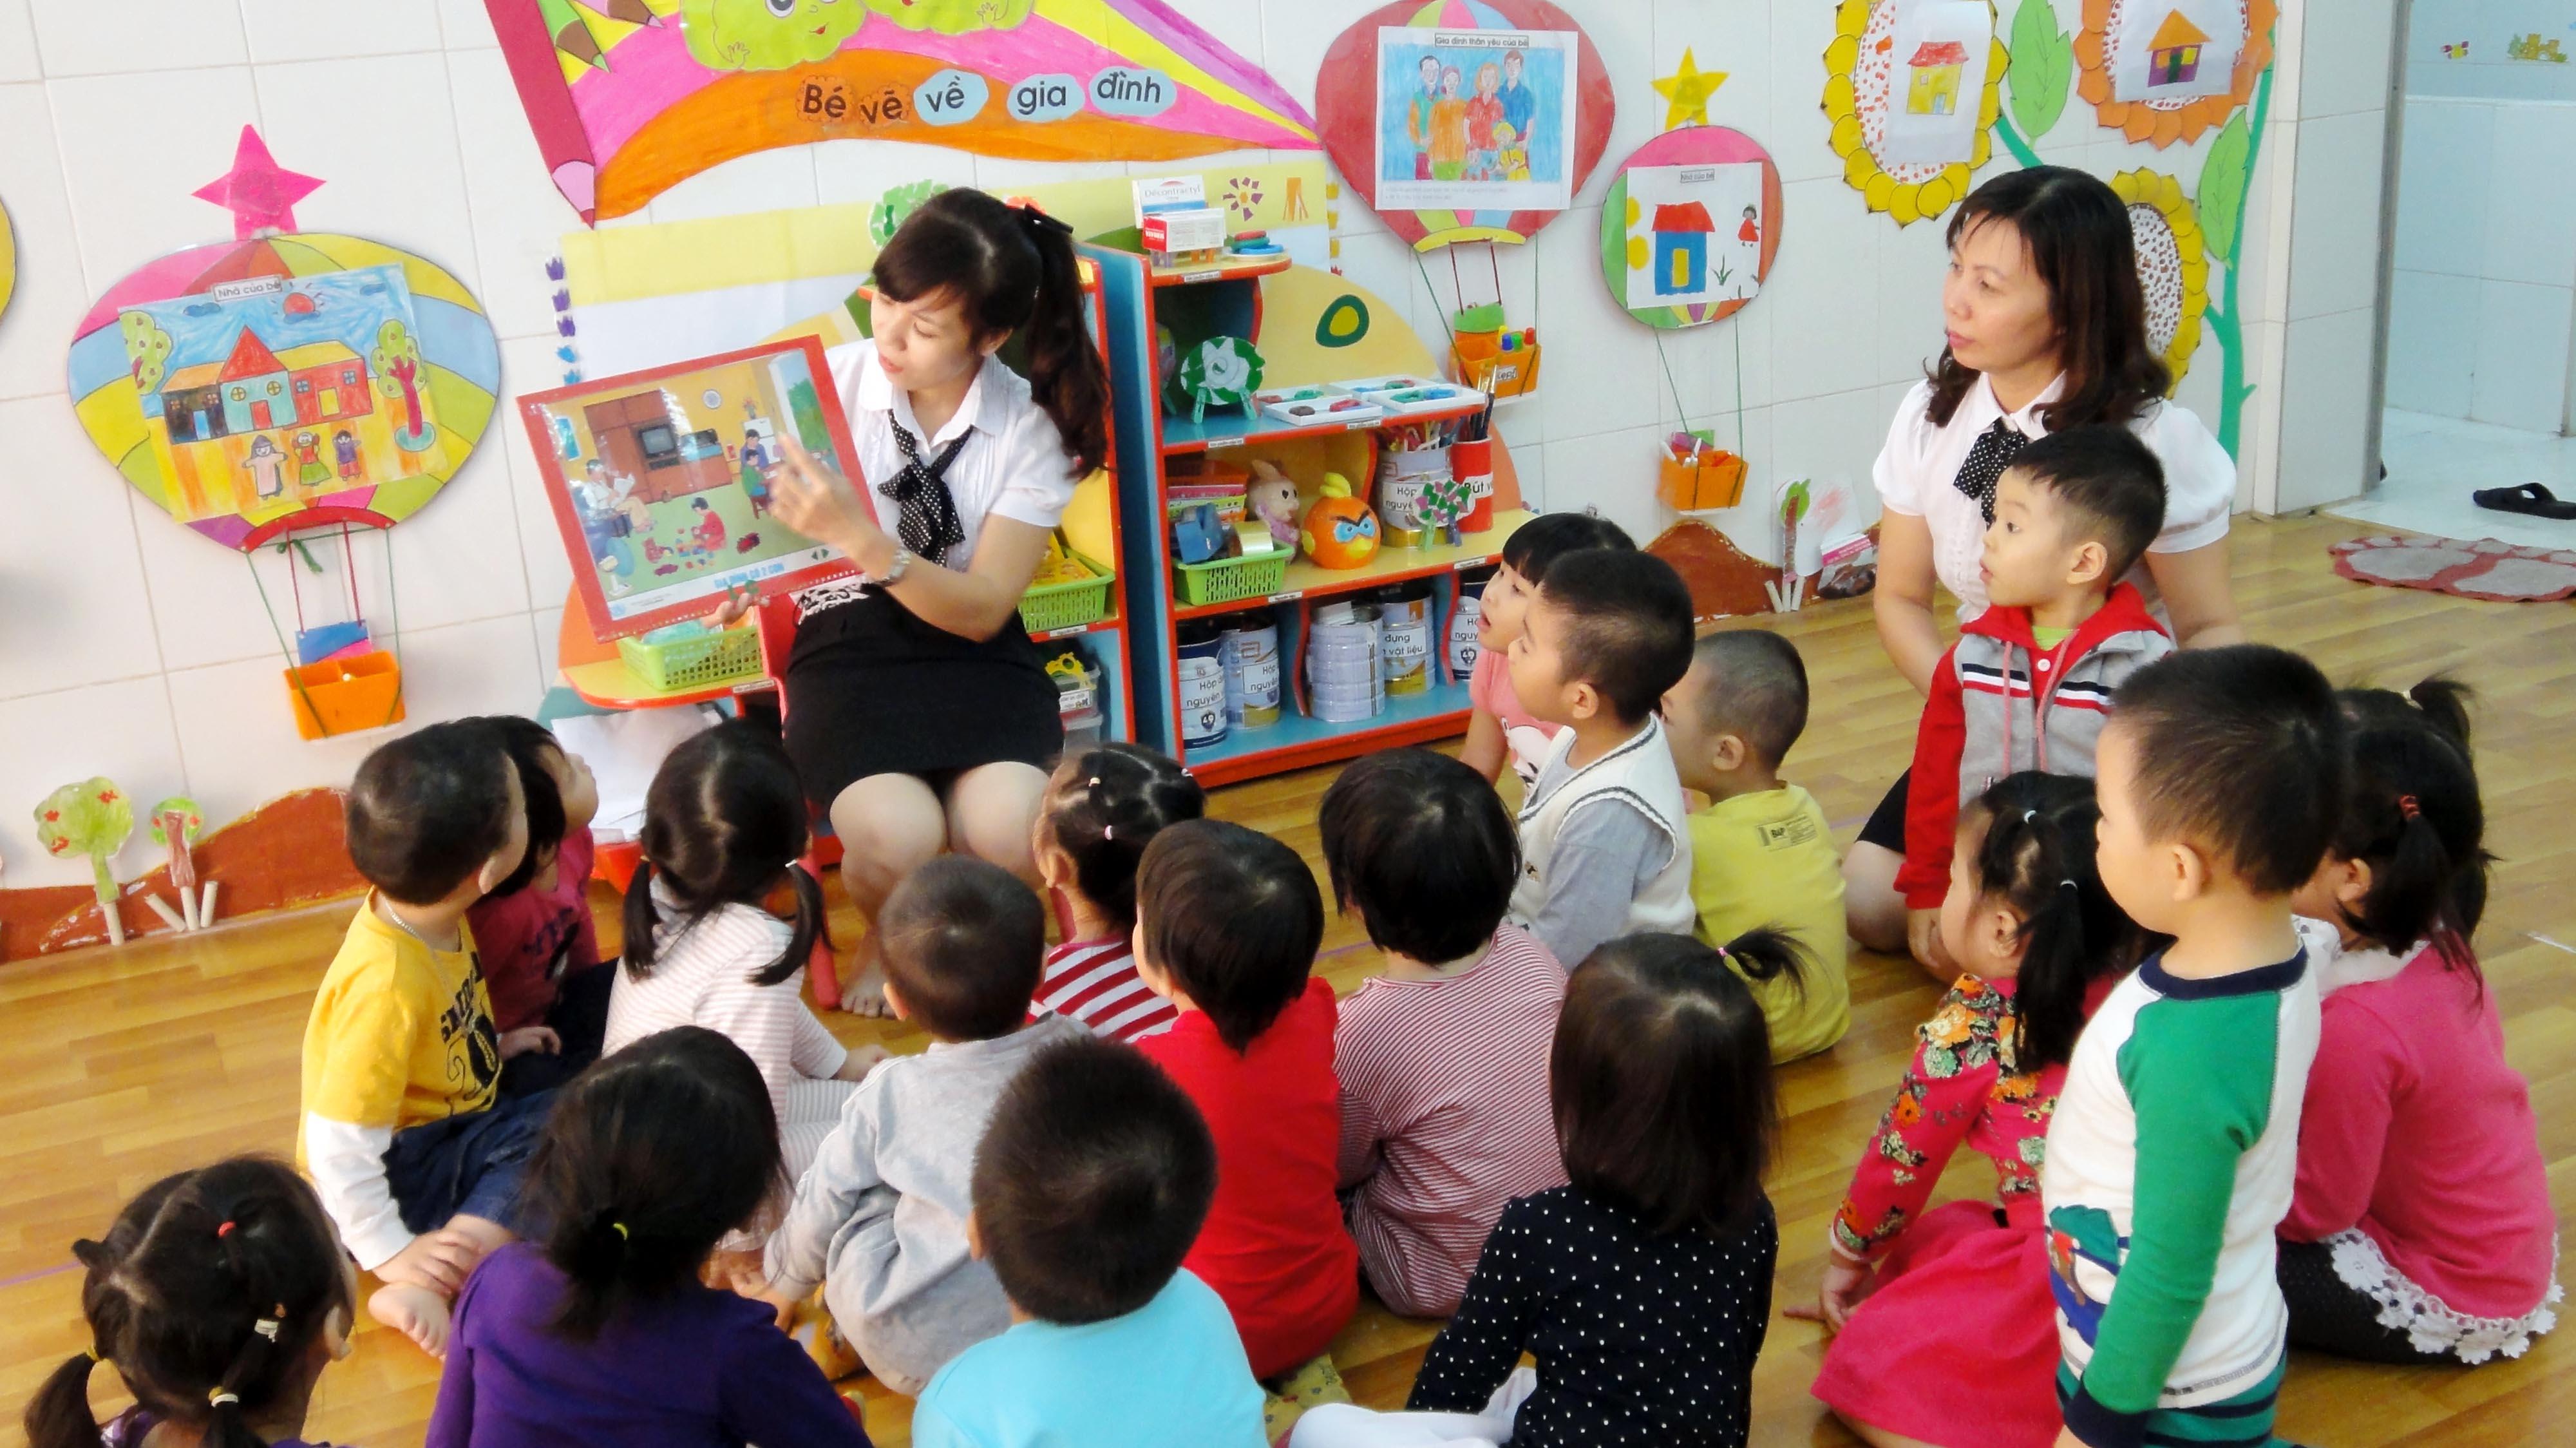 Vị trí của nhà trường, nhà trẻ, nhóm trẻ, lớp mẫu giáo độc lập tư thục